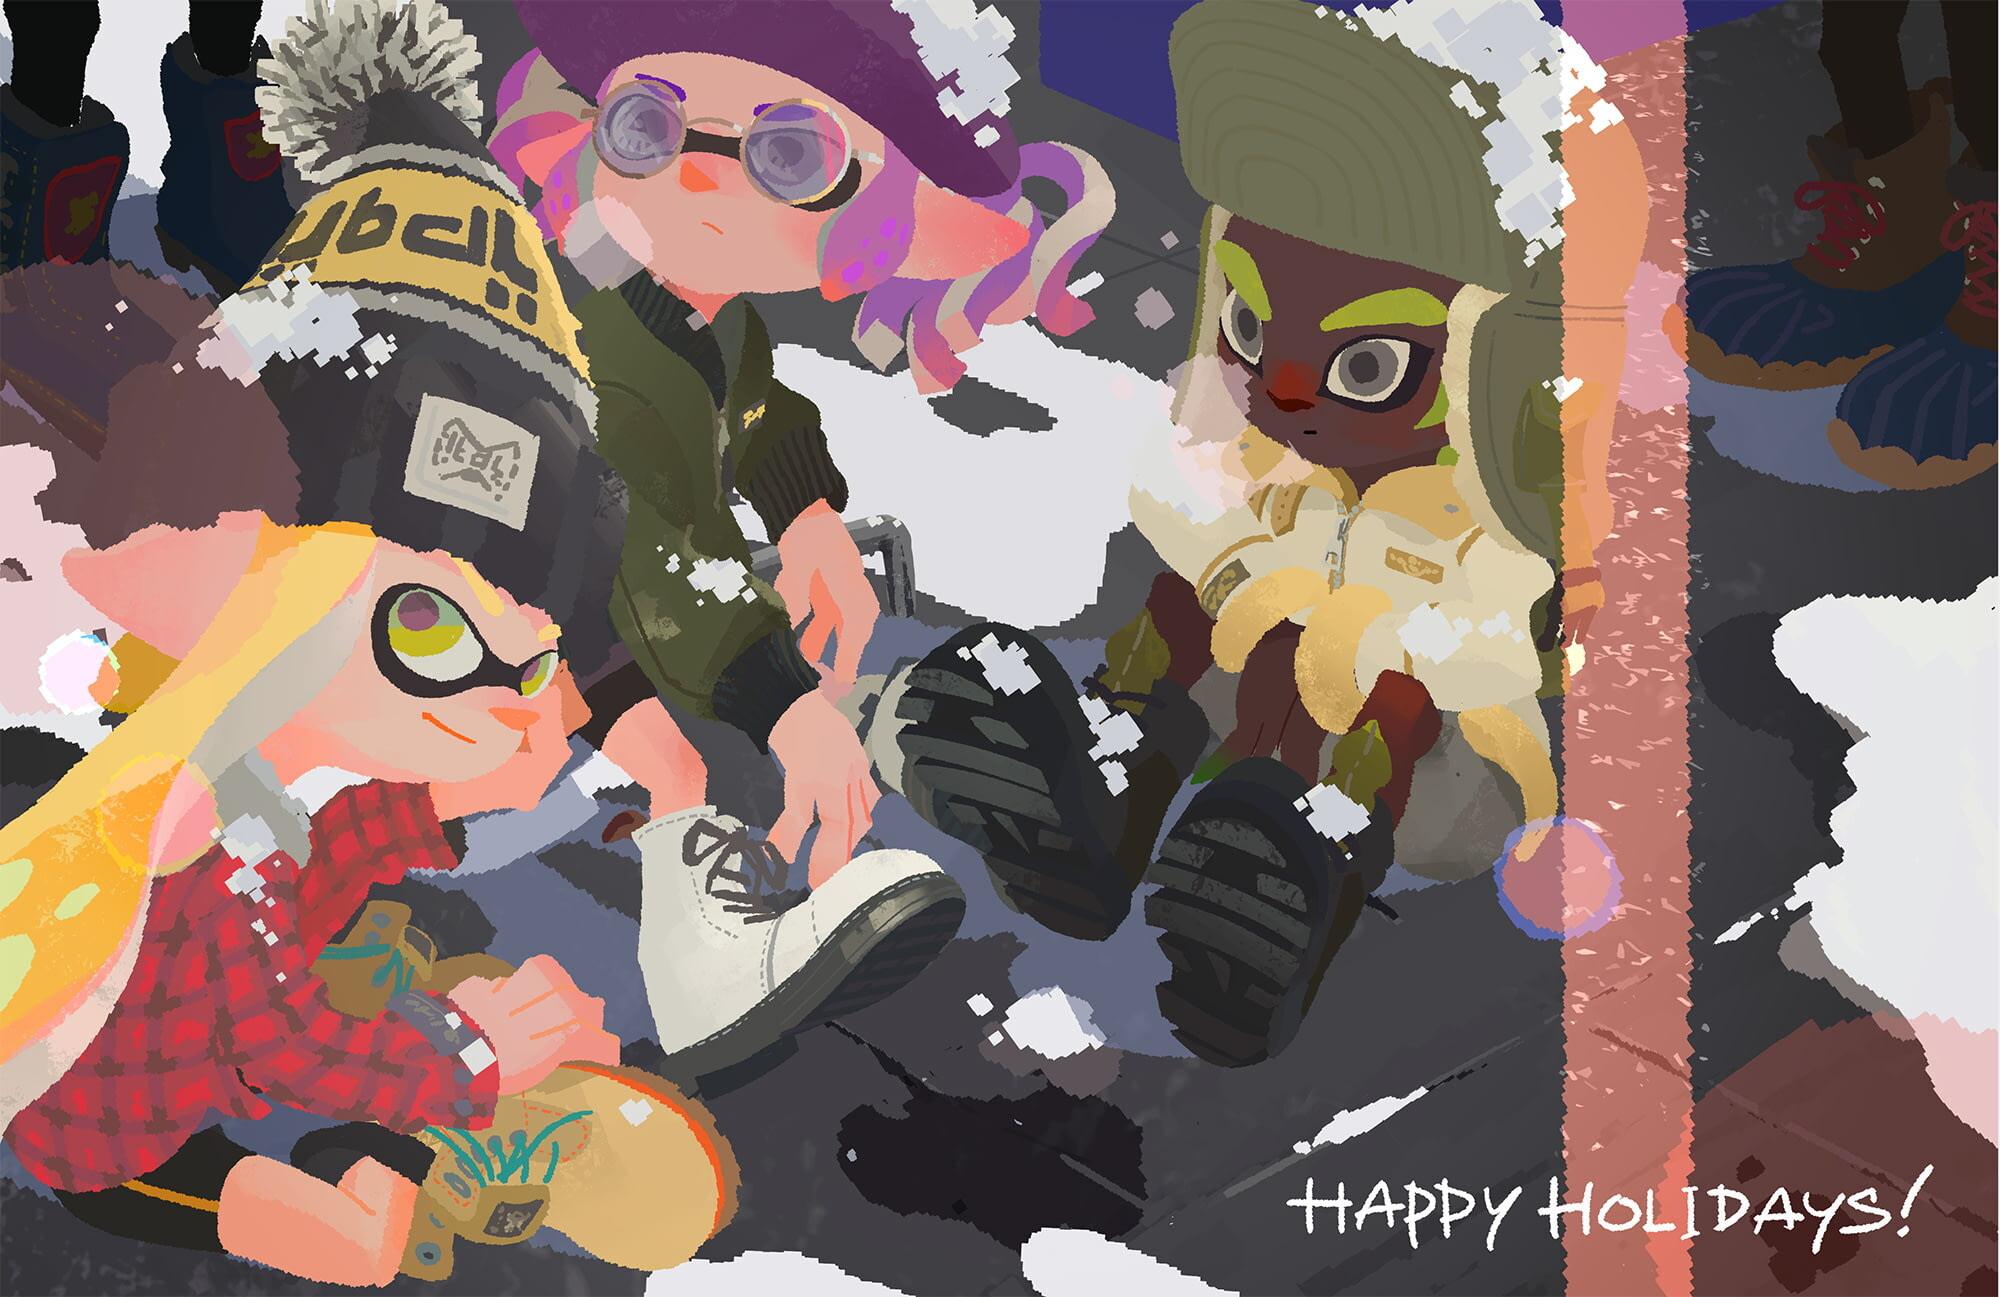 Разработчики поздравляют игроков с Рождеством — собрали праздничные открытки 11